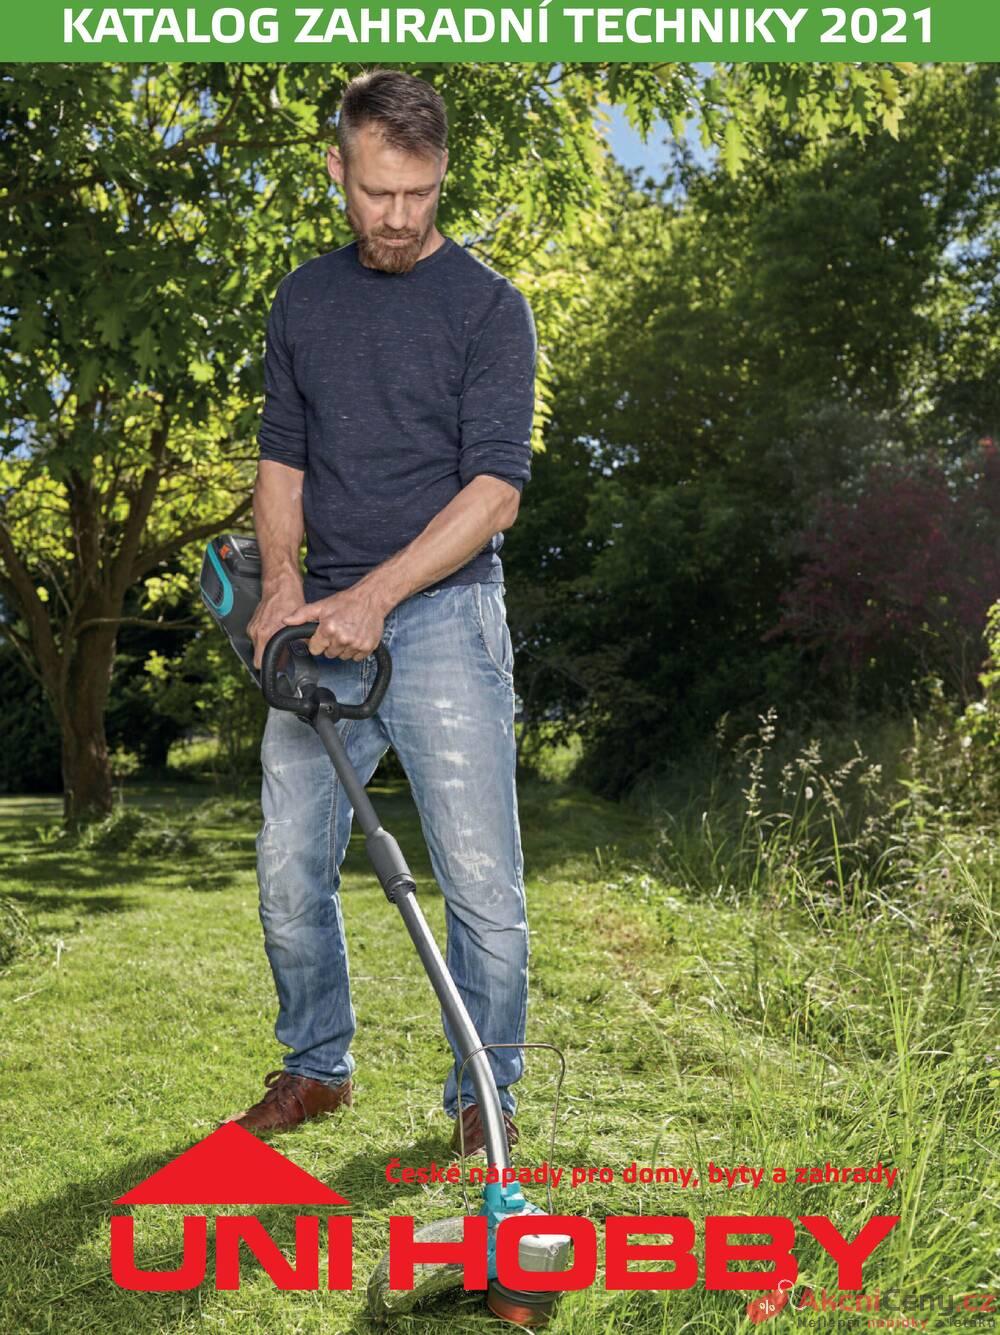 Leták UNI HOBBY - Uni Hobby Zahradní technika od 12.3. do 31.8.2021 - strana 1